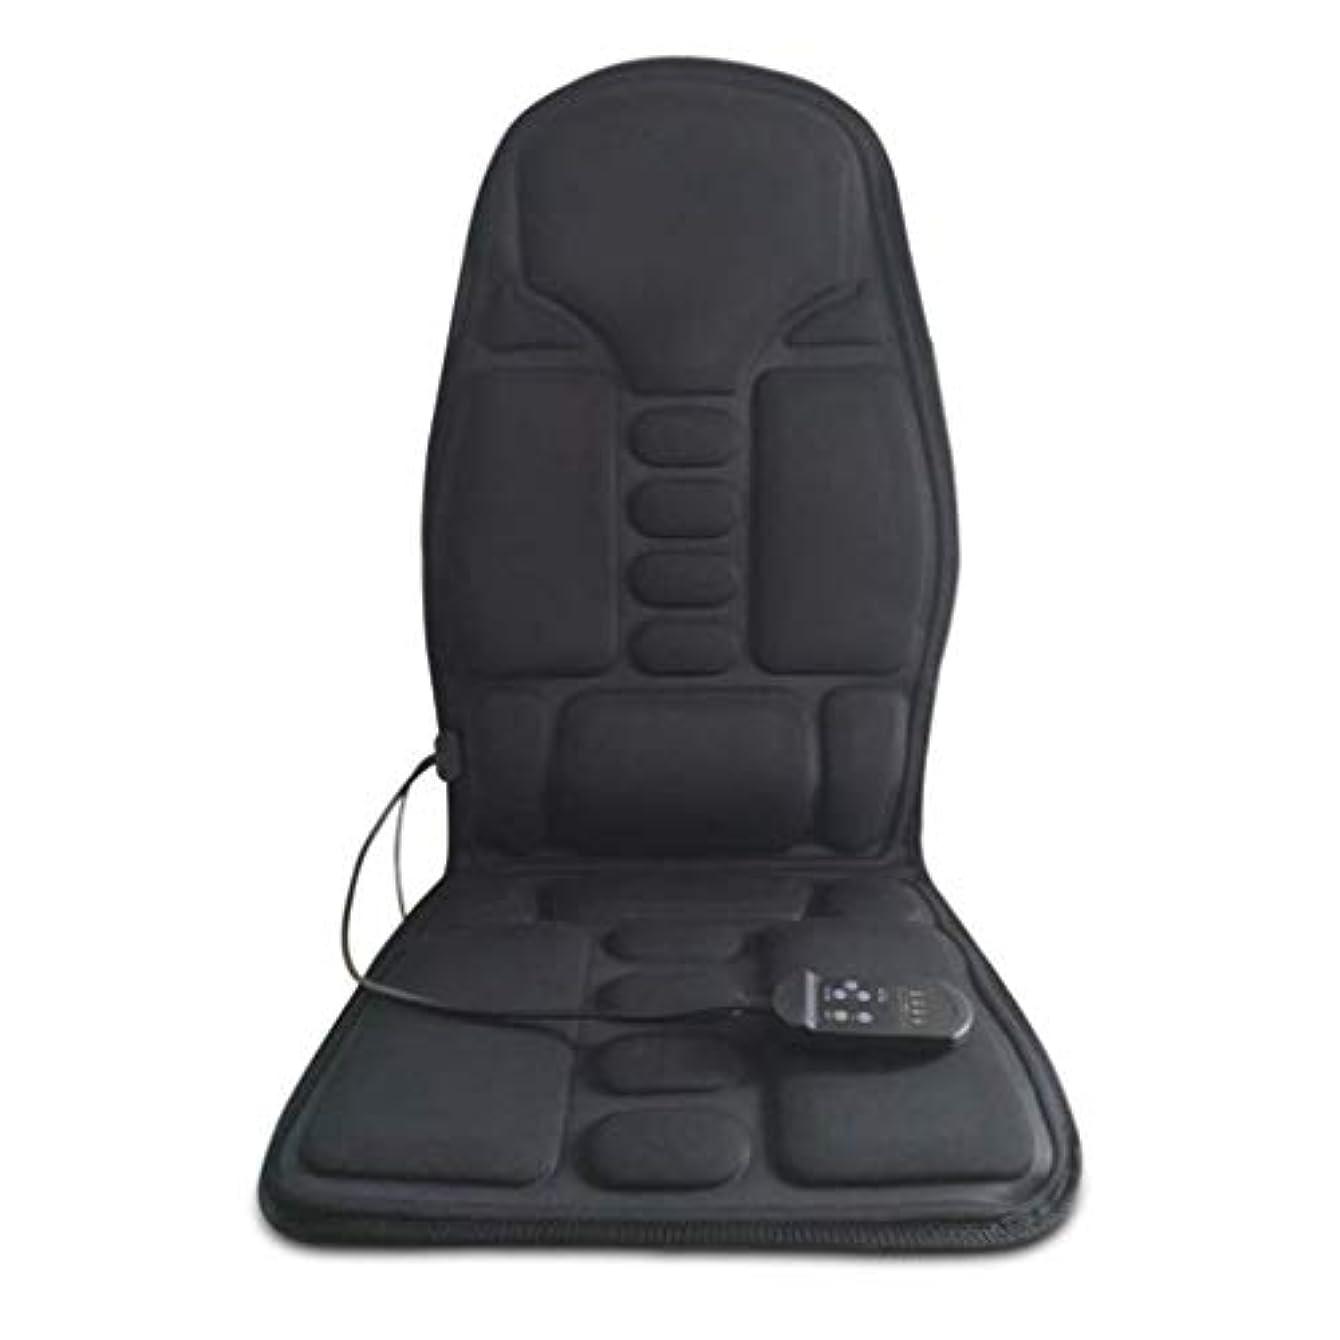 アンドリューハリディ椅子先住民電気マッサージクッション、カーシートマッサージャーの馬、体暖房オフィスマッサージクッション、マッサージ枕、電気家庭用マッサージクッション、痛み/圧力を和らげる